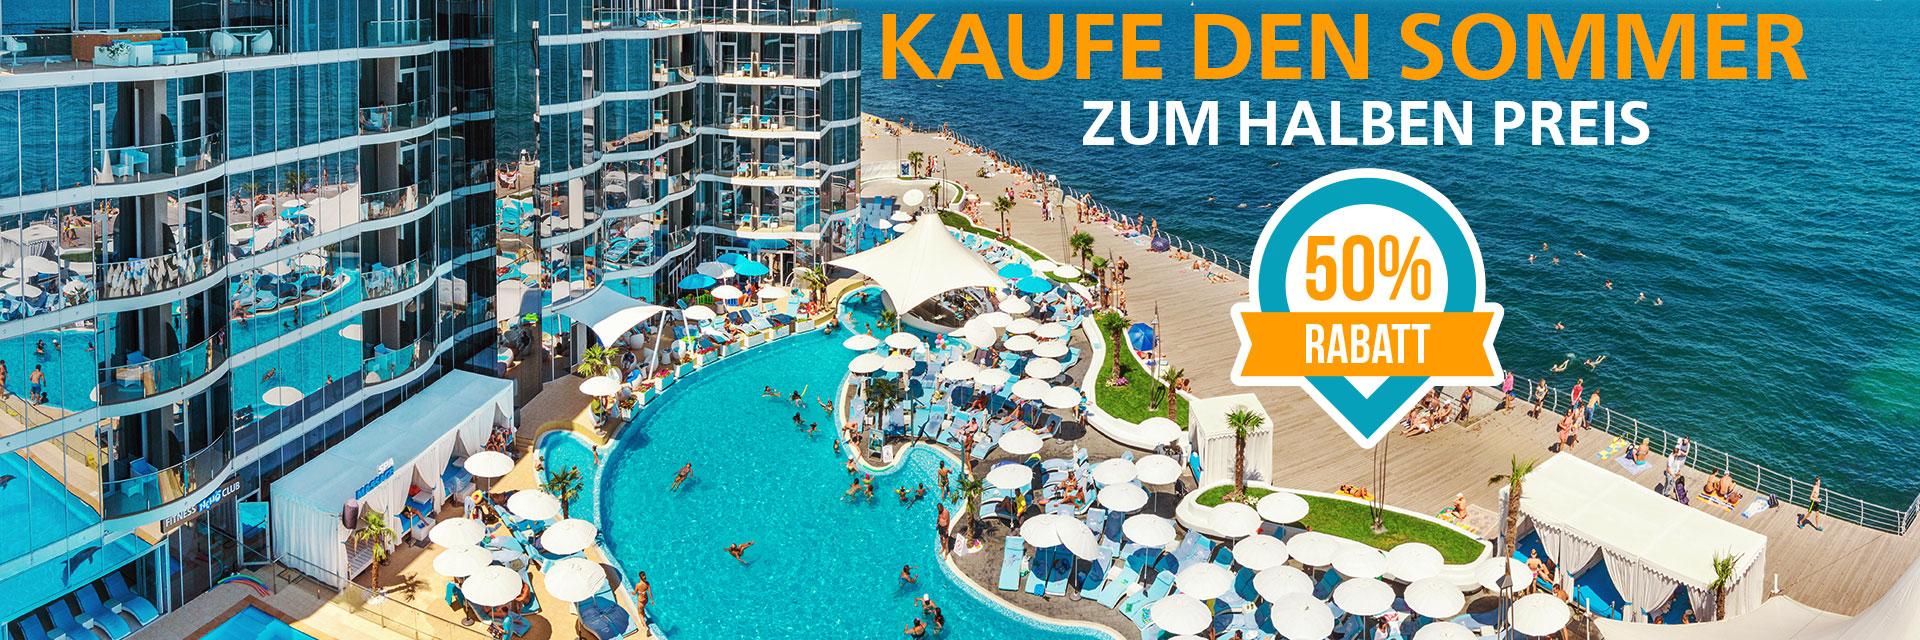 Kaufe den Sommer zum halben Preis im RESORT & SPA HOTEL NEMO, foto № 1